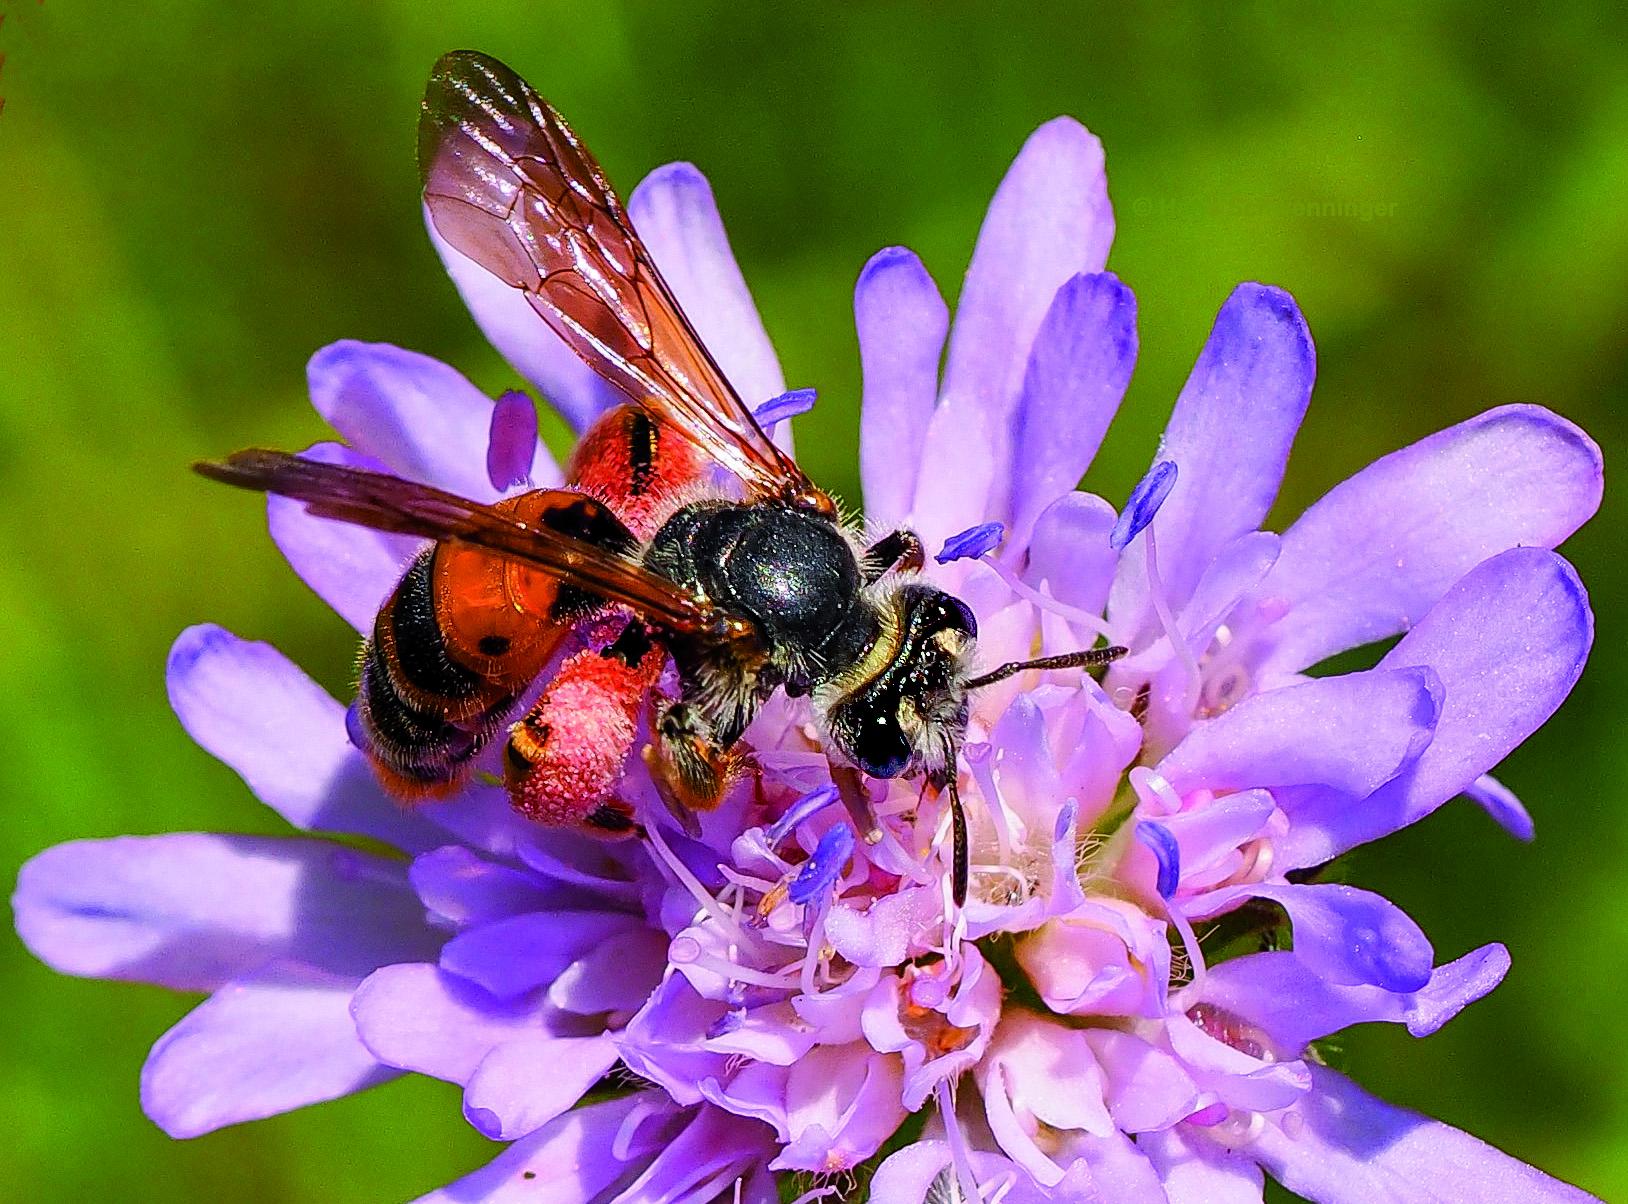 Für den Anfang können Sie sich schon einmal mit der Wildbiene des Jahres 2017 vertraut machen: die Knautien-Sandbiene, deren Weibchen rote Pollenhosen tragen.